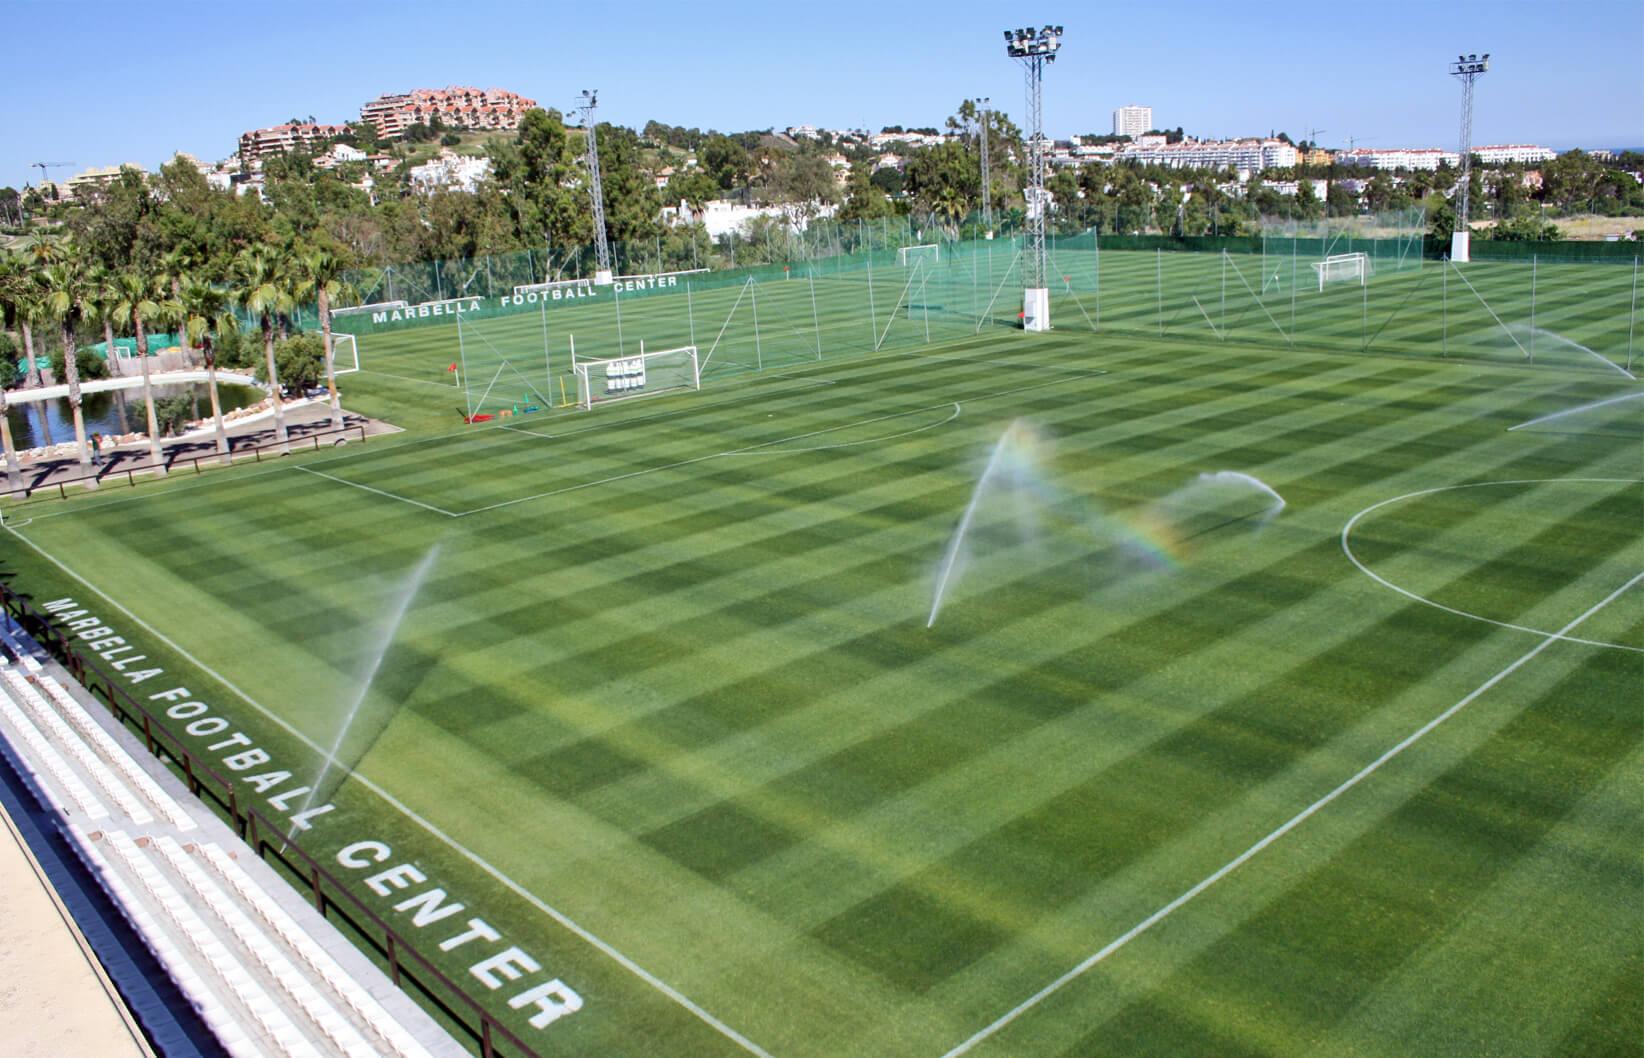 marbella-football-center